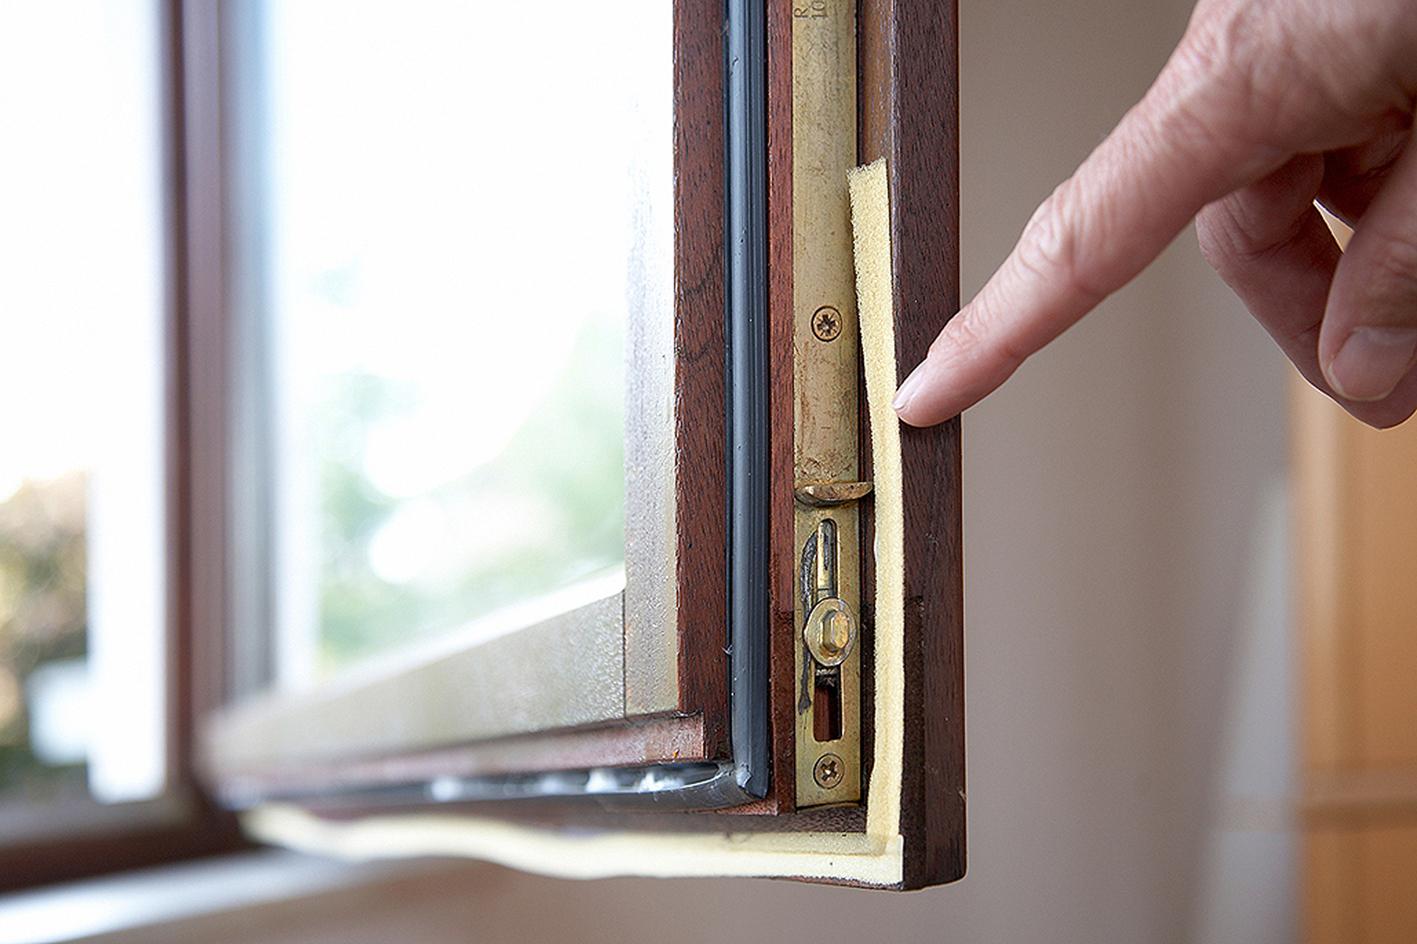 Frisch ausgerechnet: So viel Geld sparen neue Fenster